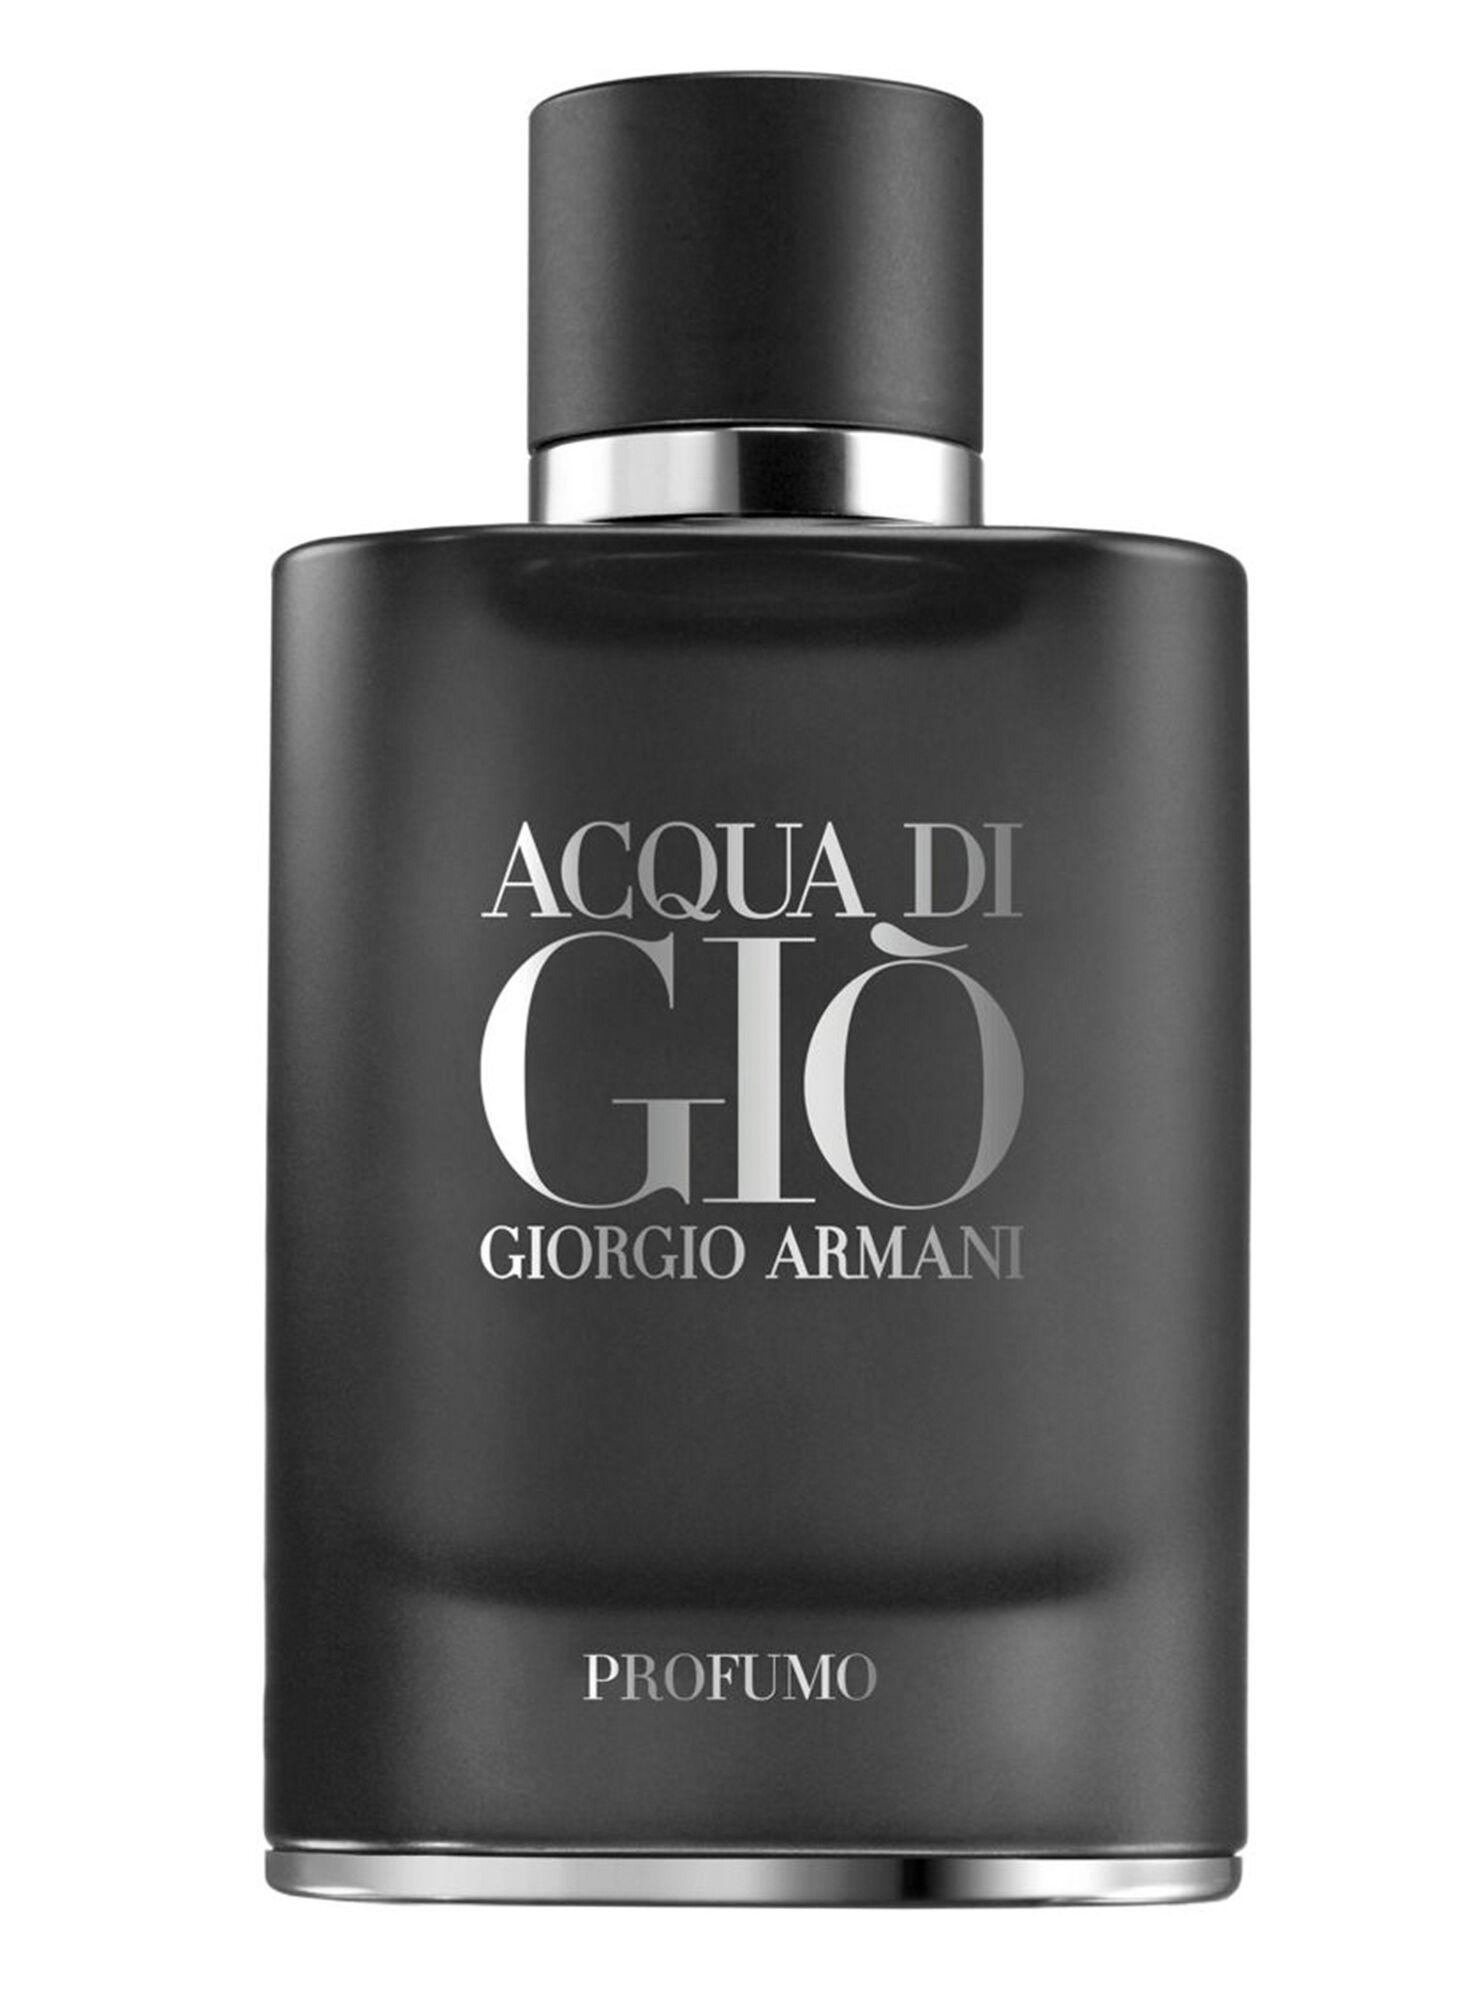 Perfume Giorgio Armani Acqua Di Gio Homme Profumo EDP 180 ml ... d97a24dbf7d